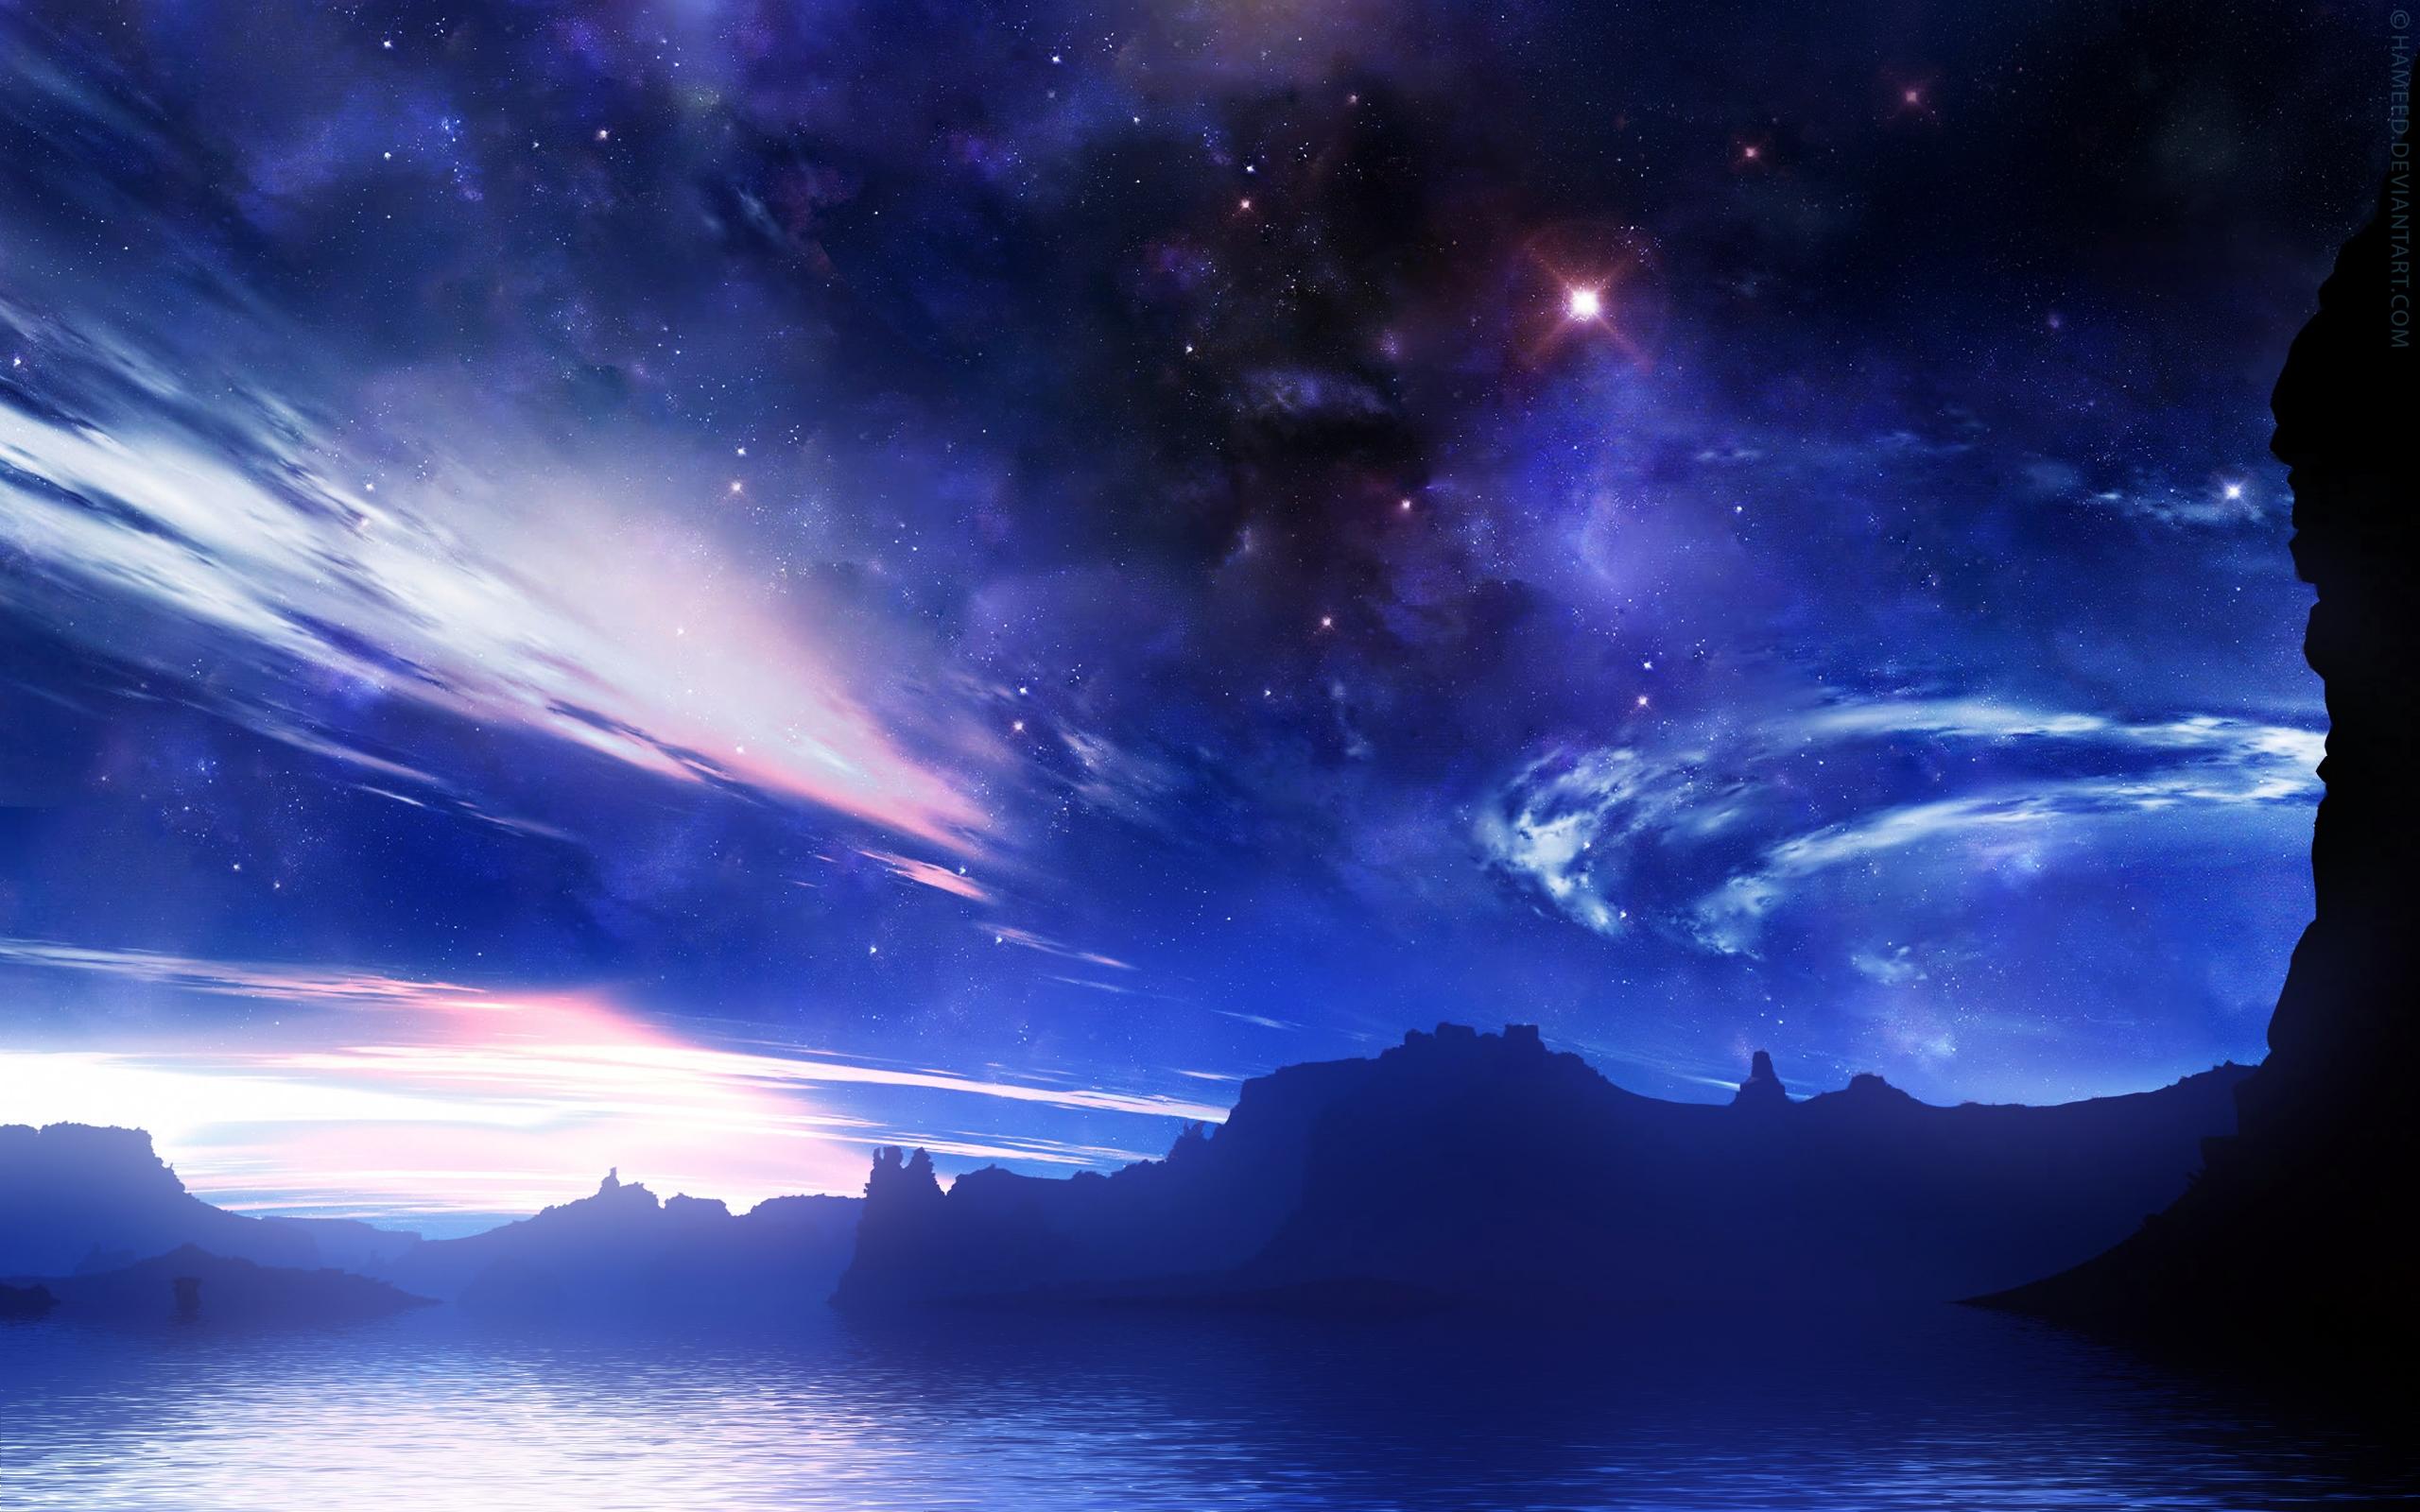 только красивое звездное небо картинка на рабочий стол око знак